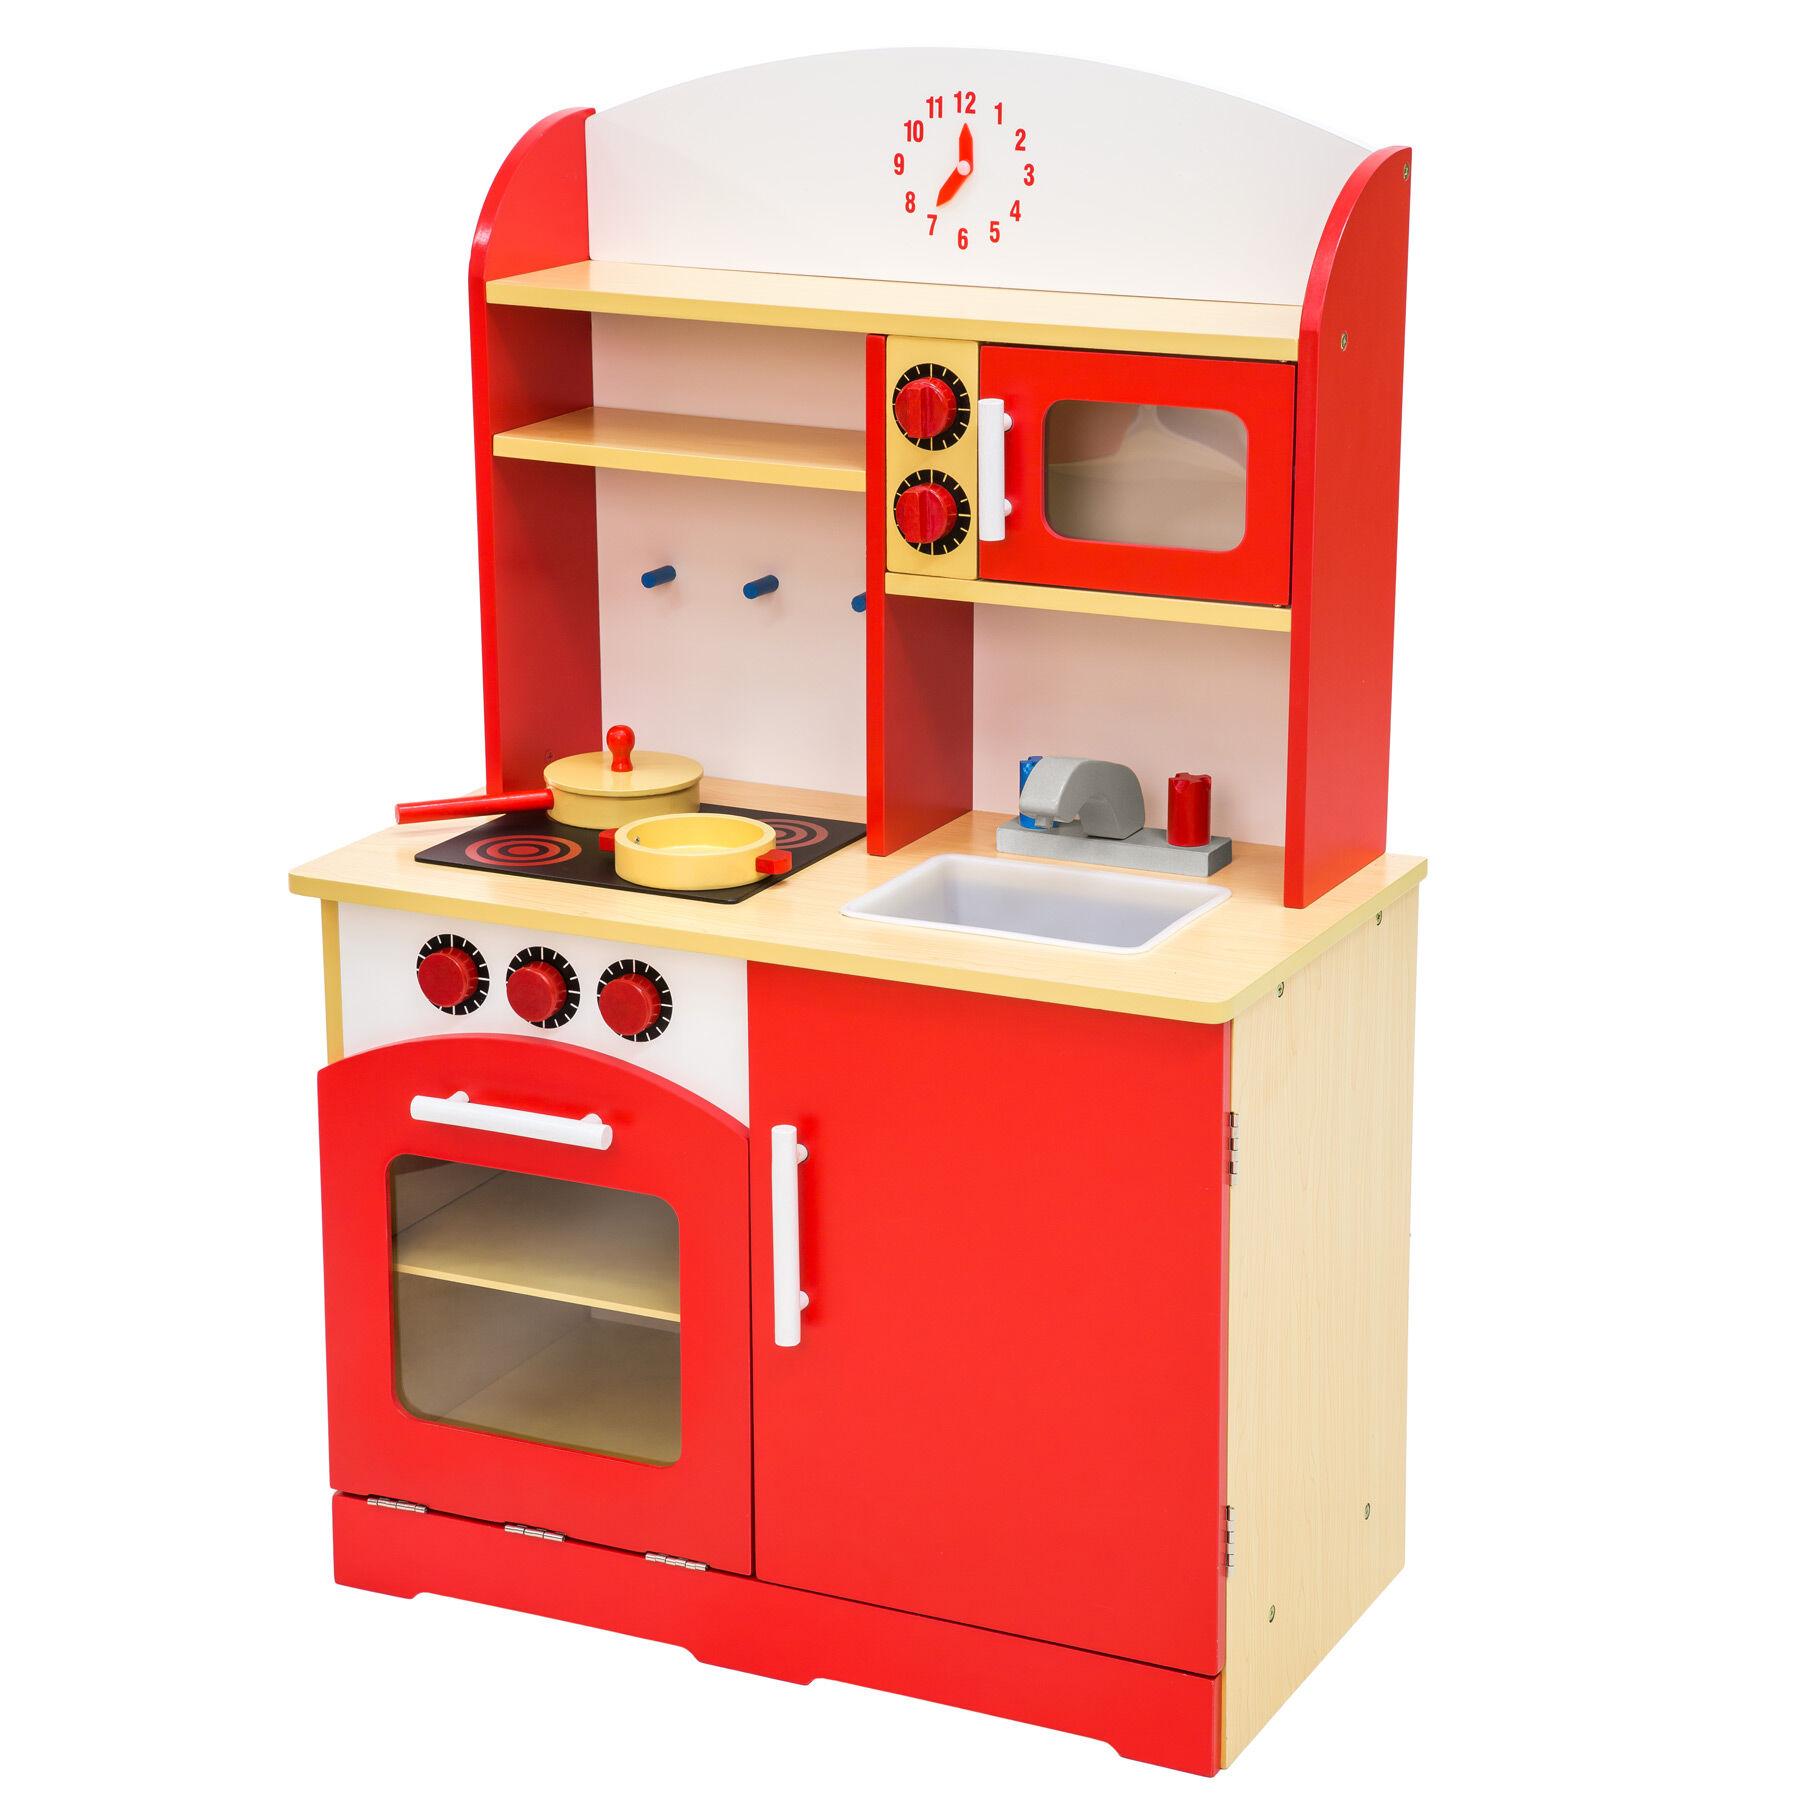 tectake Legekøkken - rød